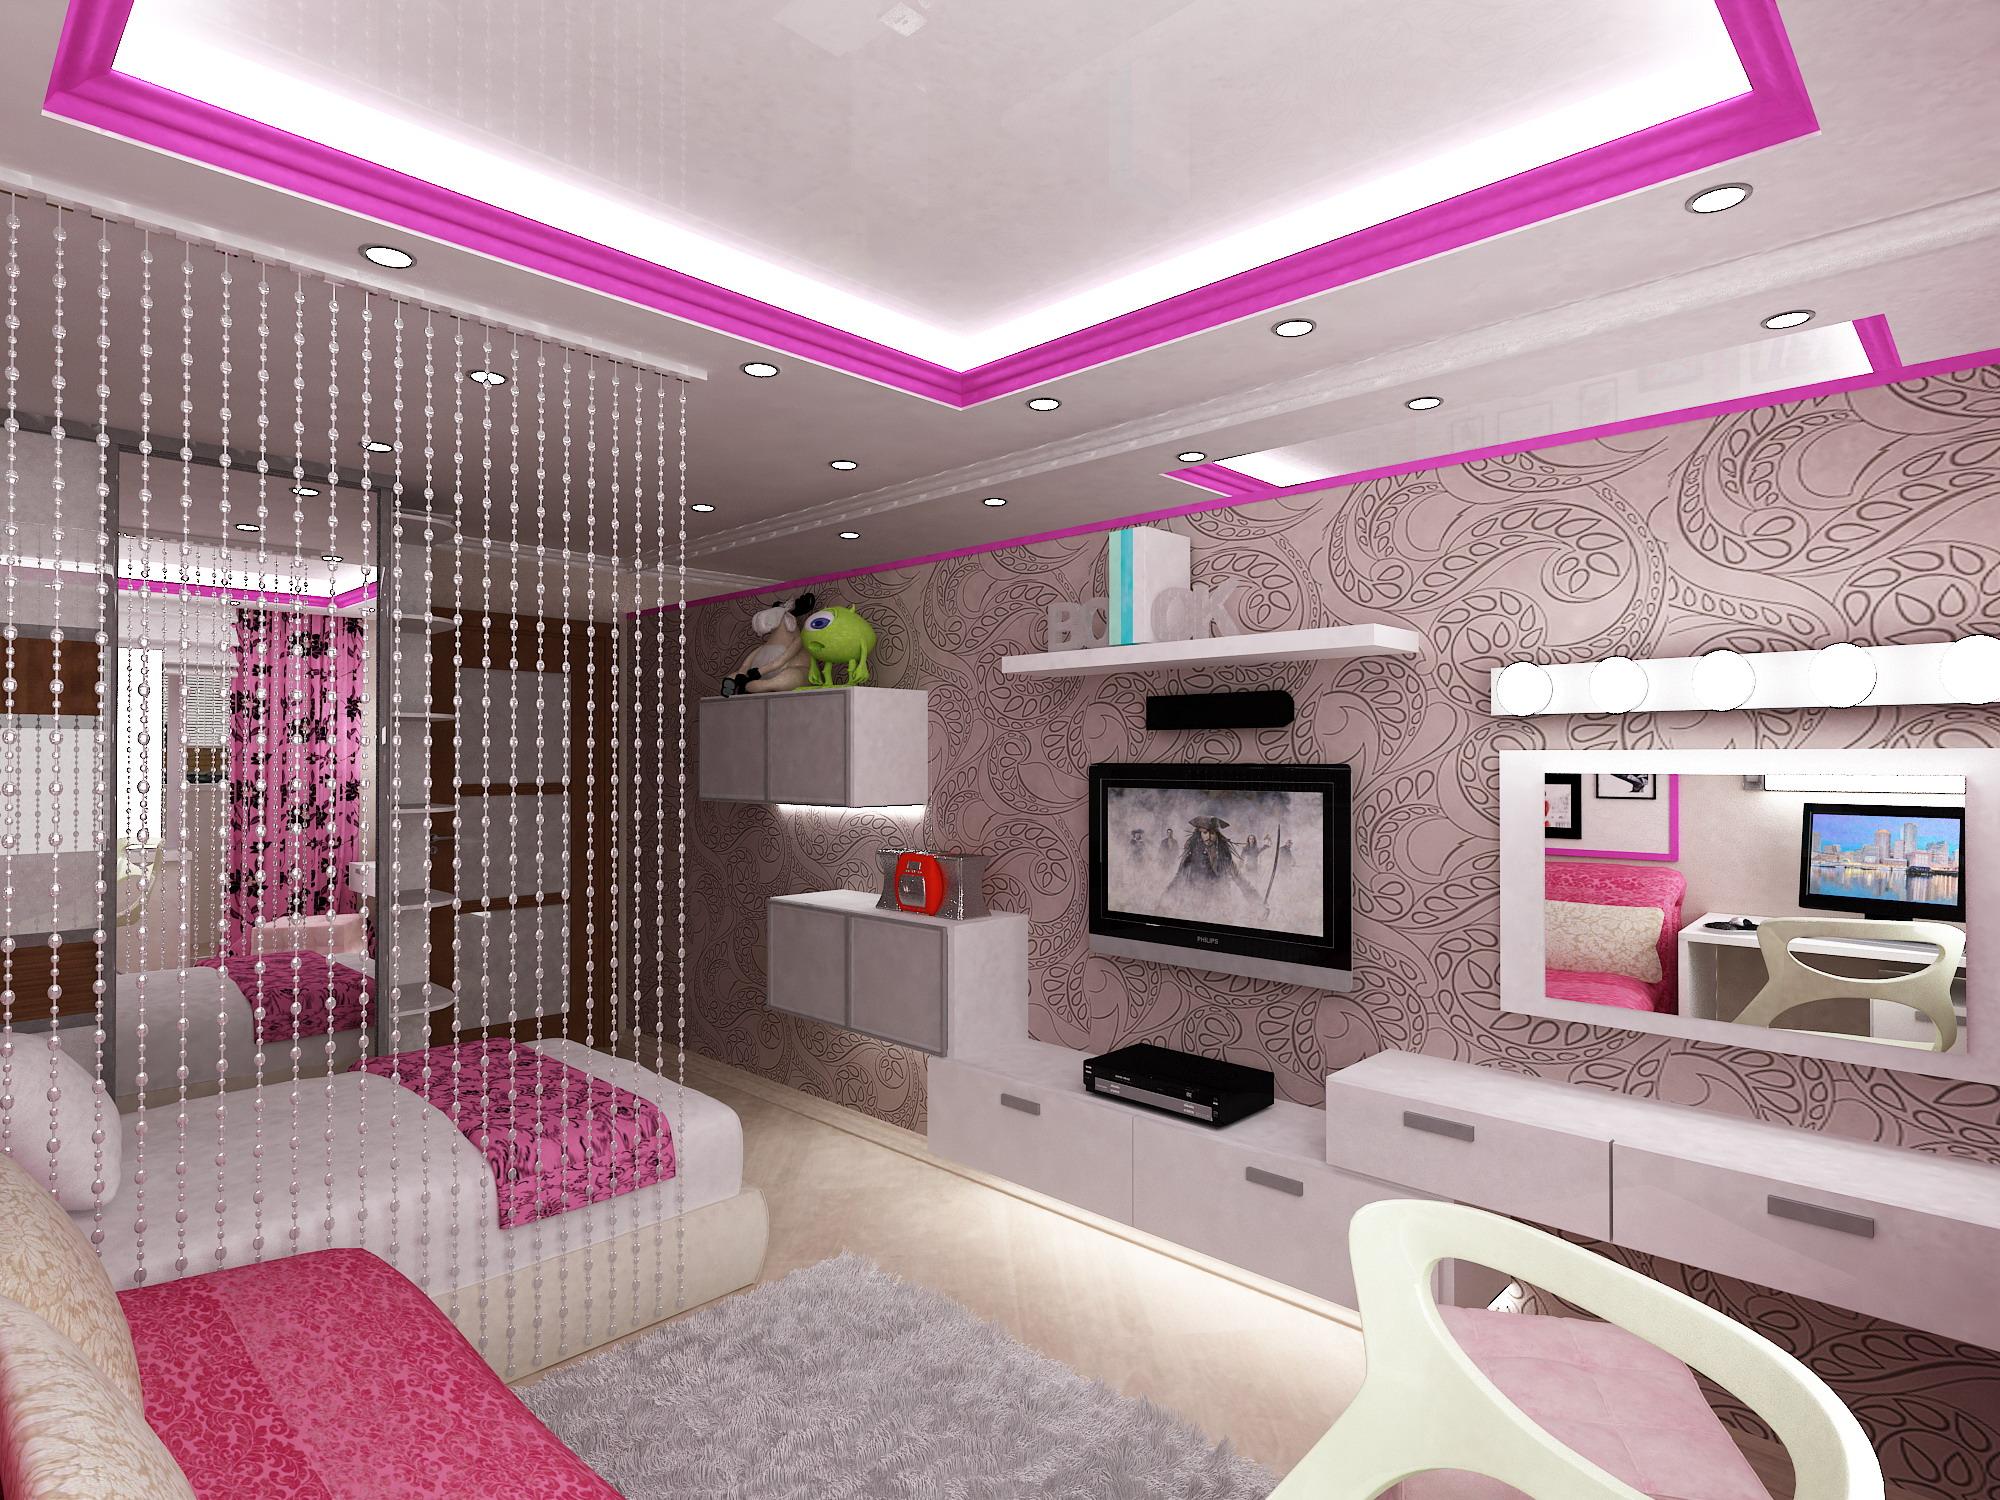 Фото дизайн комнаты девушки подростка